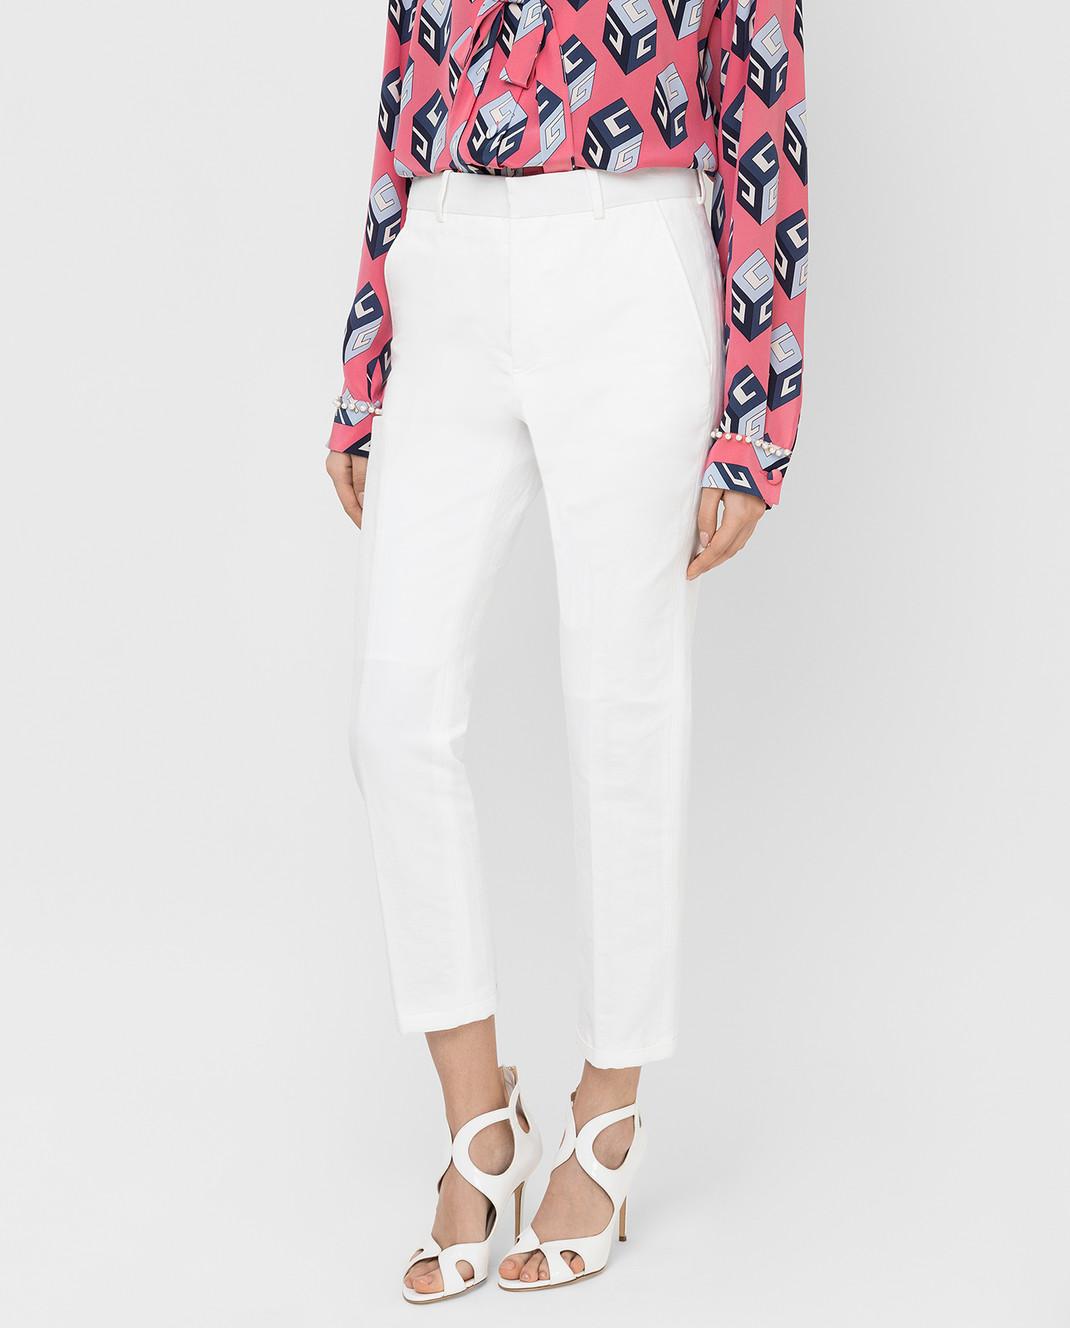 Marni Белые брюки PAMAR09MU1TL234 изображение 3